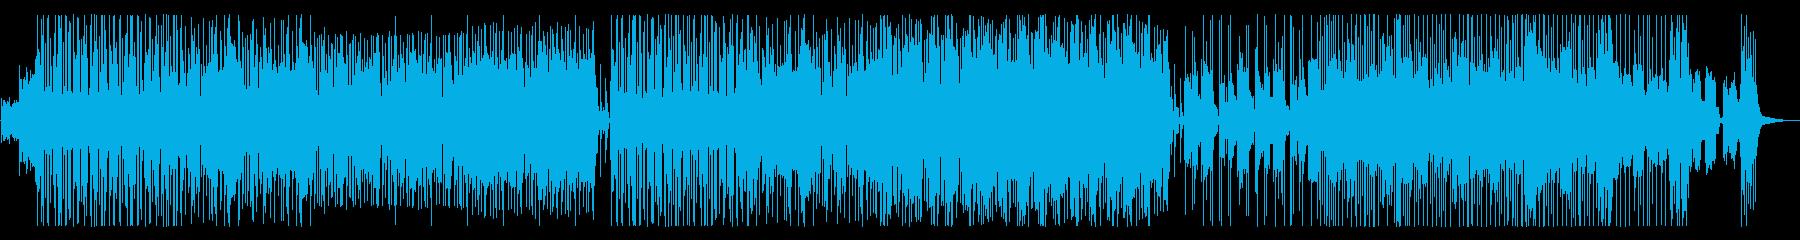 ミドルテンポの骨太な力強い曲の再生済みの波形